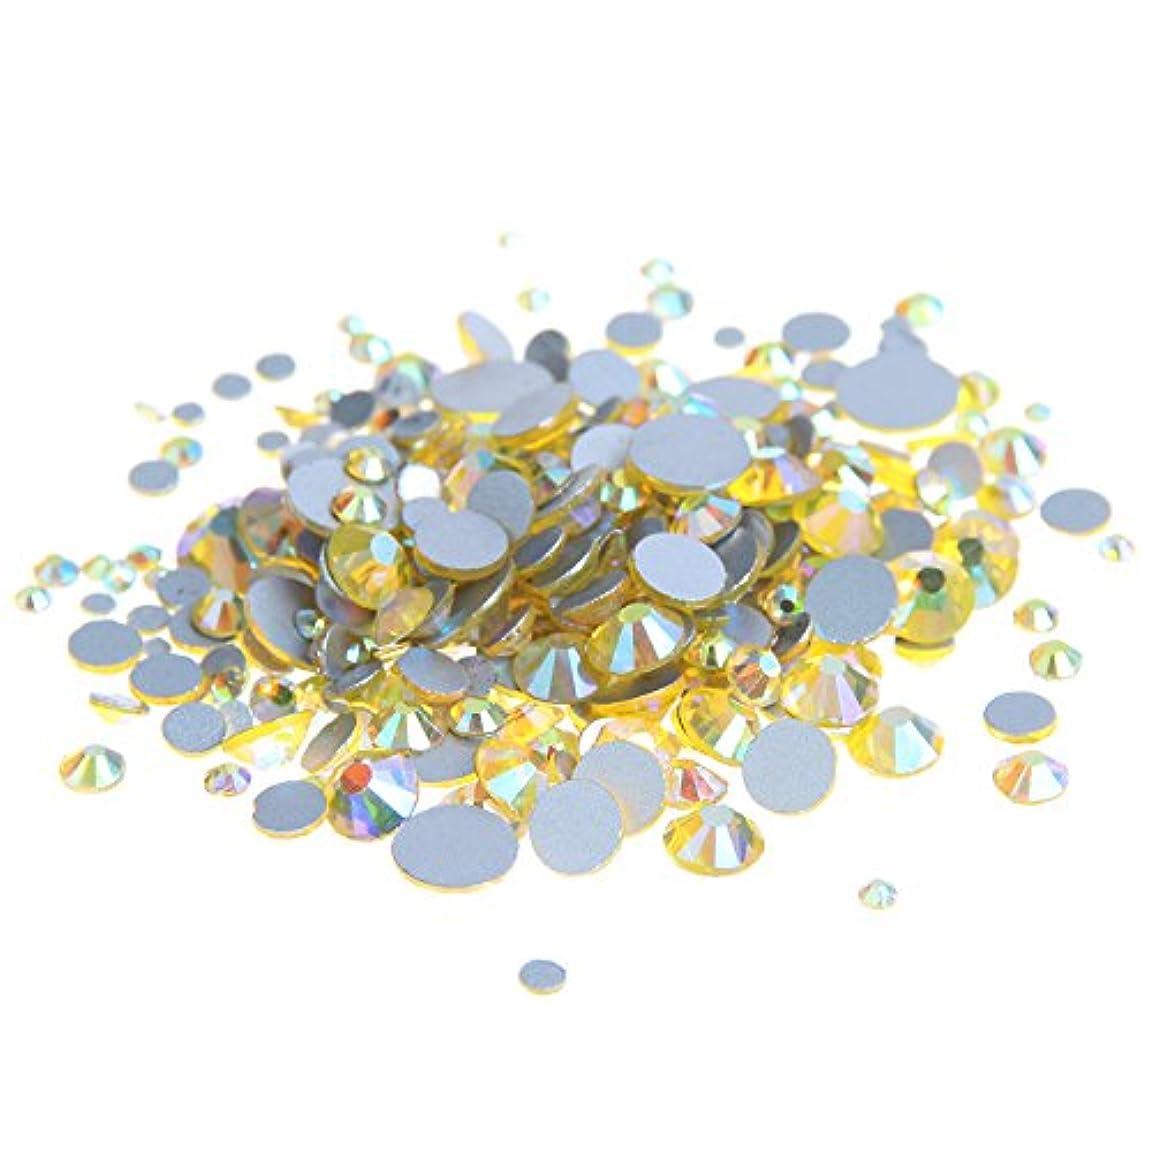 なくなる争う部族Nizi ジュエリー ブランド シトリンオーロラ ラインストーン は ガラスの材質 ネイル使用 型番ss3-ss30 (SS20 1440pcs)